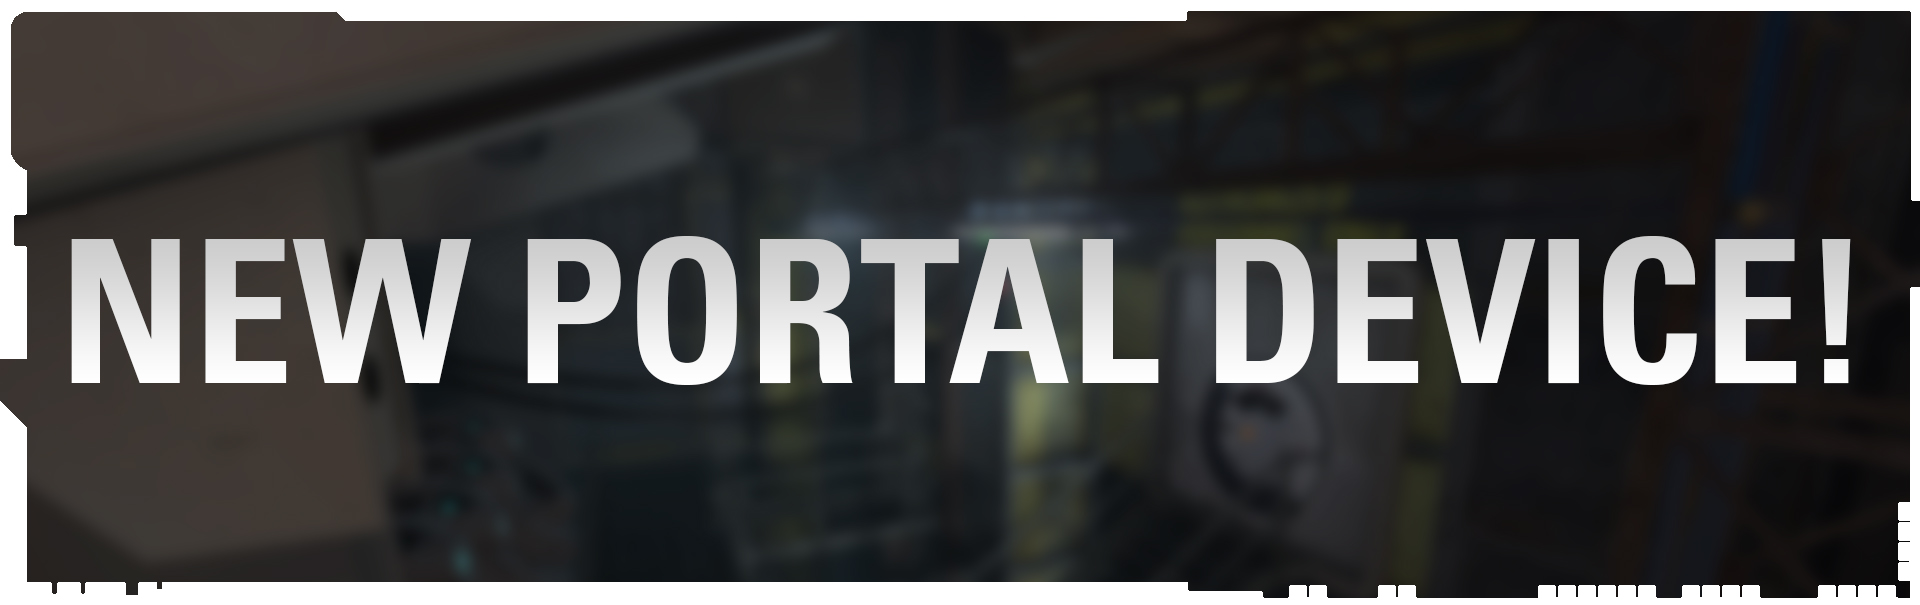 1 portaldevice